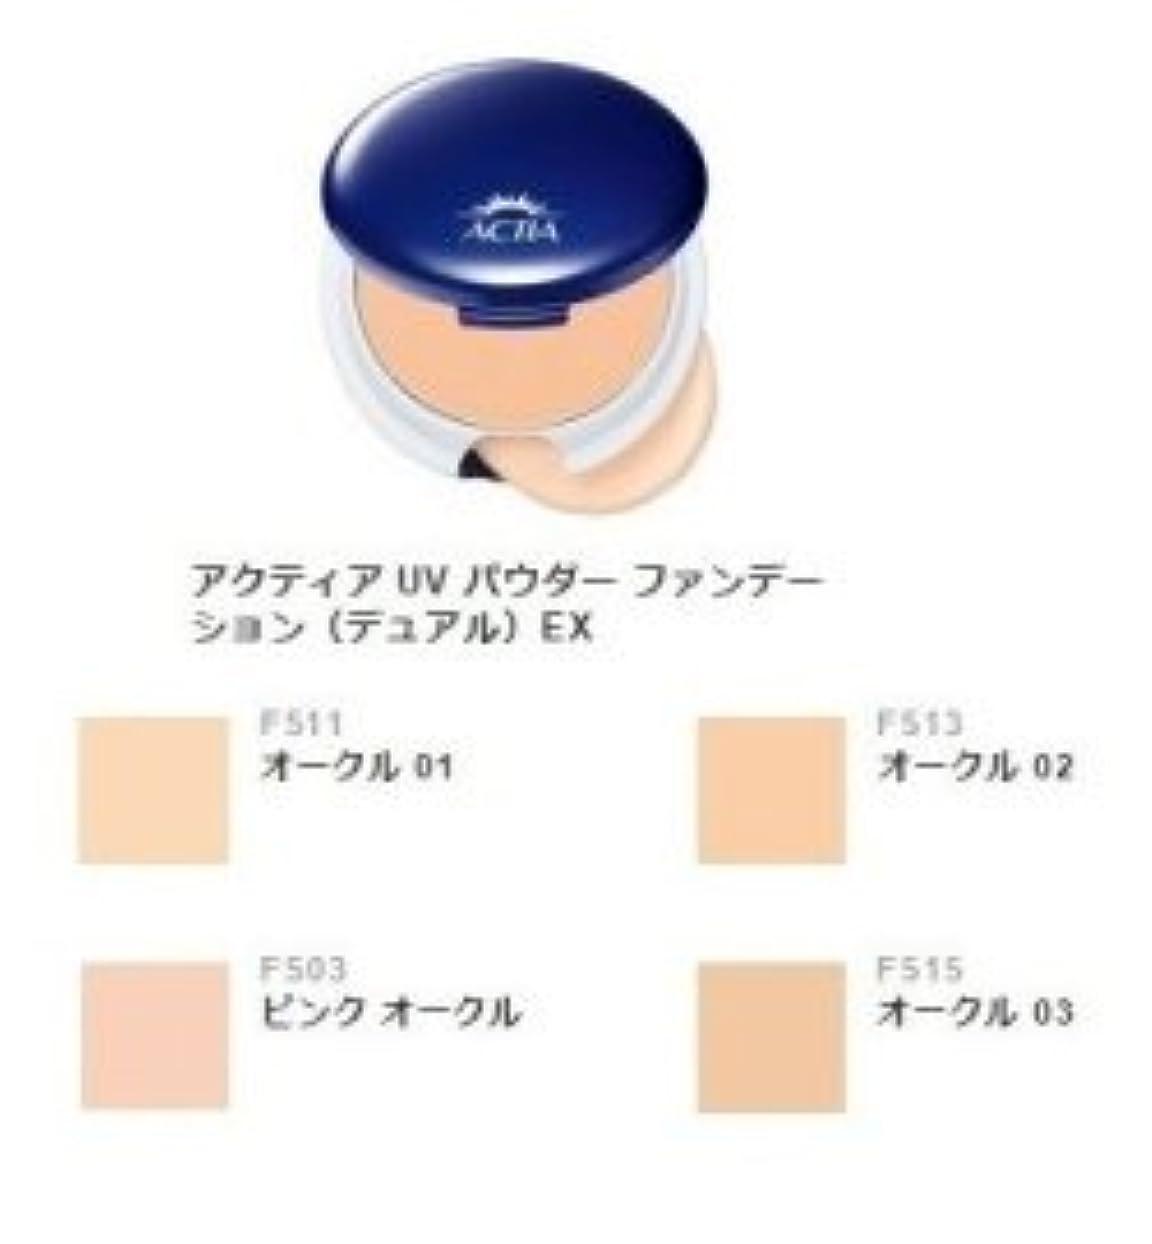 ウィンク光沢のある延期するエイボン(AVON) アクティア UV パウダーファンデーション(デュアル)EX(リフィル) F503 ピンクオークル